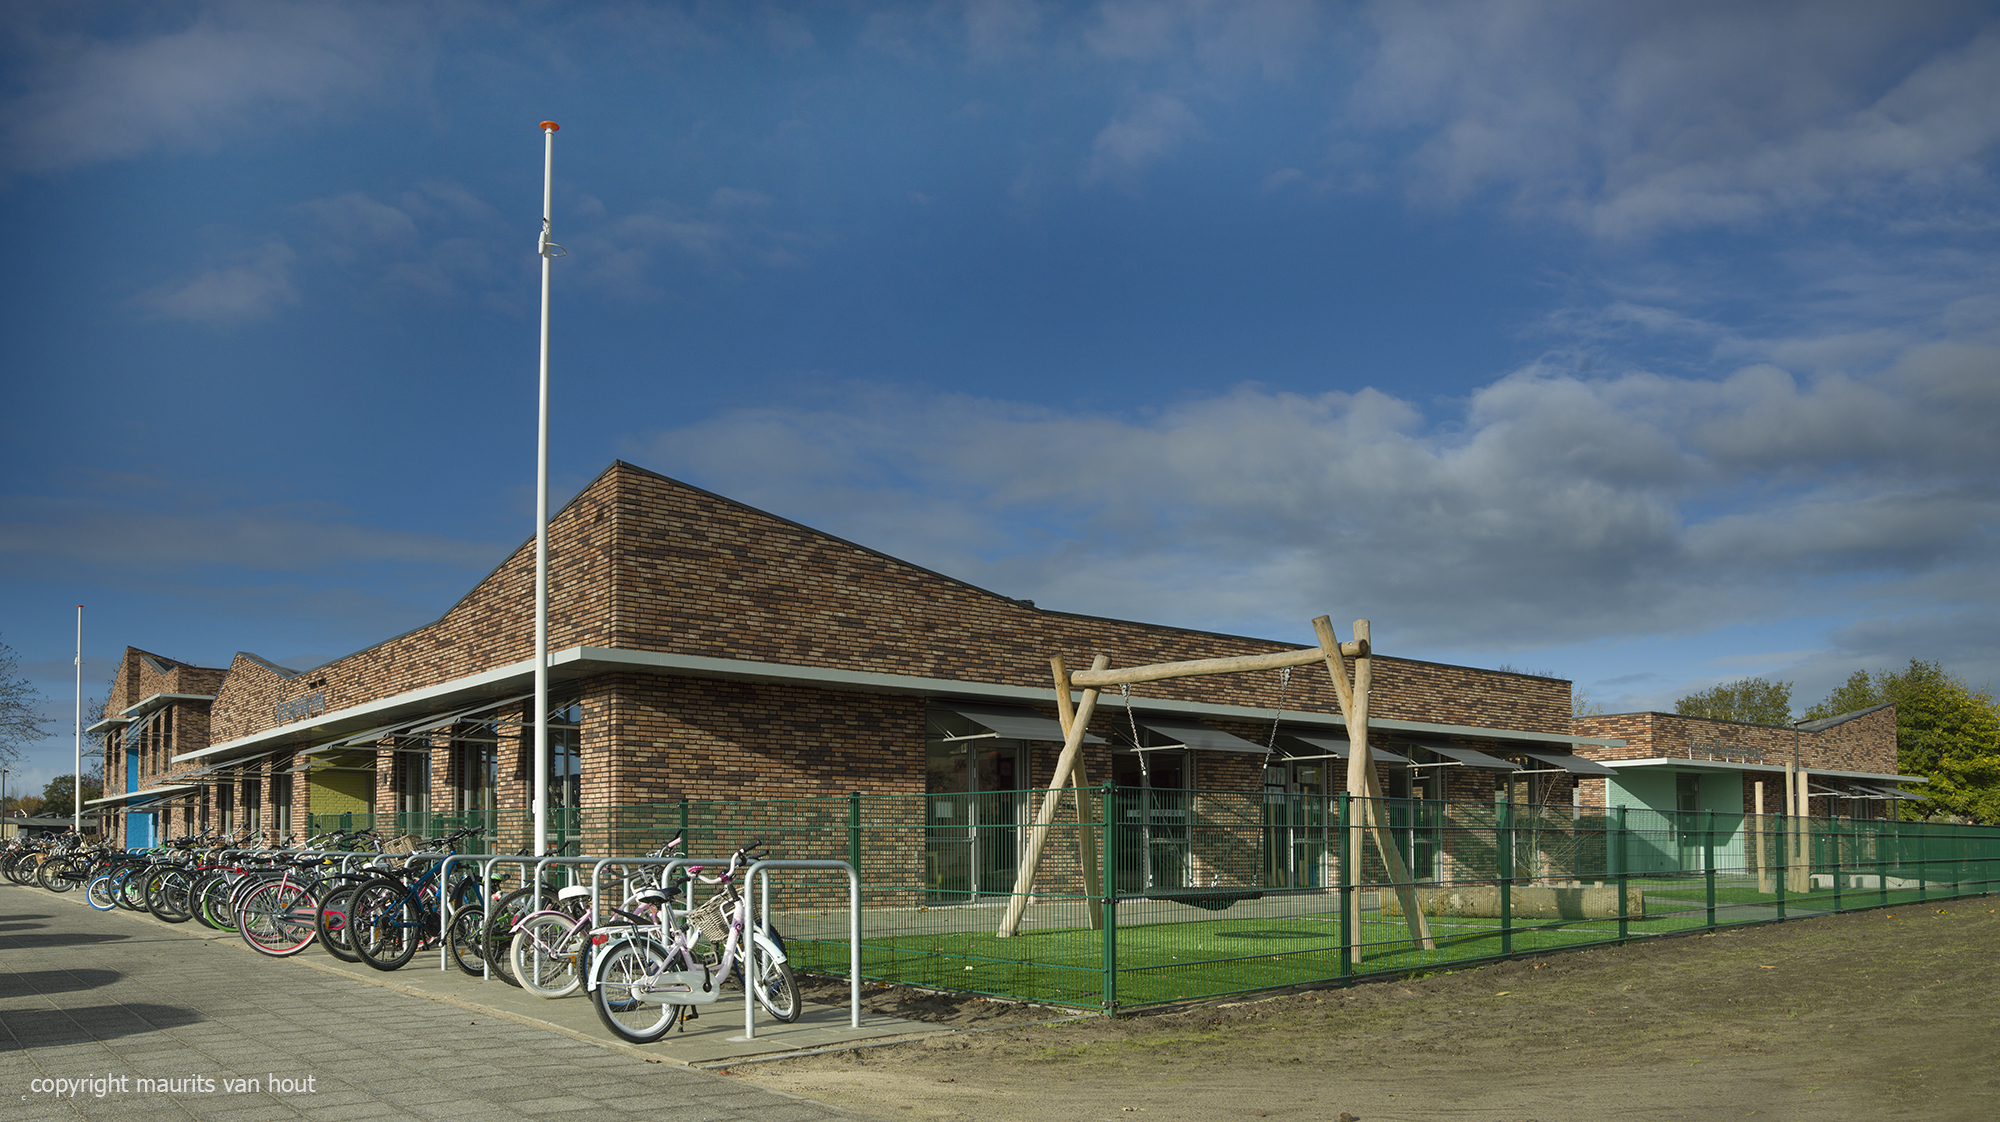 architectuurfotograaf maurits van hout uit den haag (rijswijk)